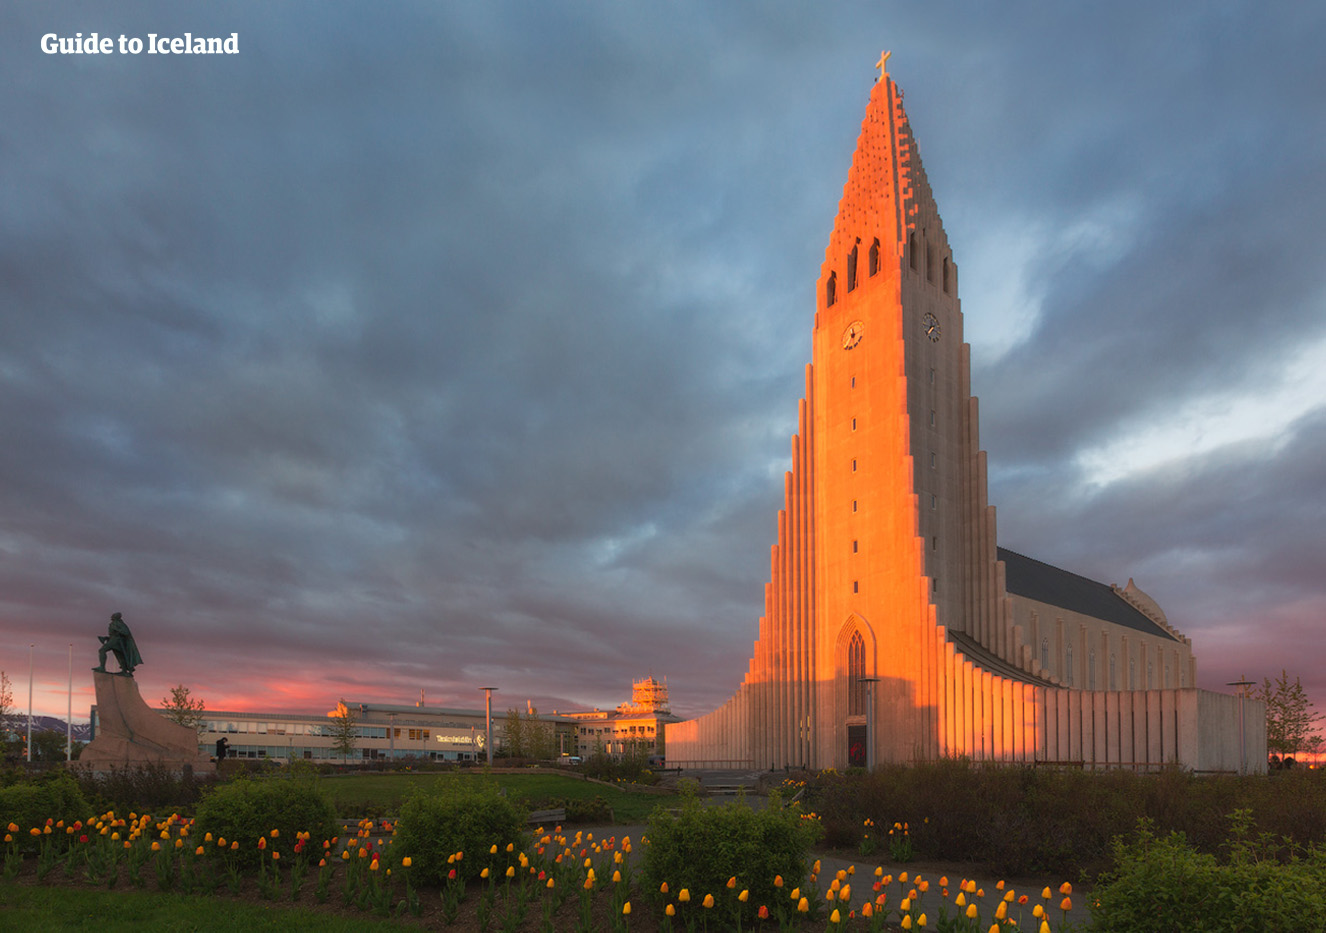 10-дневный тур   Путешествие по кольцевой дороге Исландии и Рейкьявик - day 1